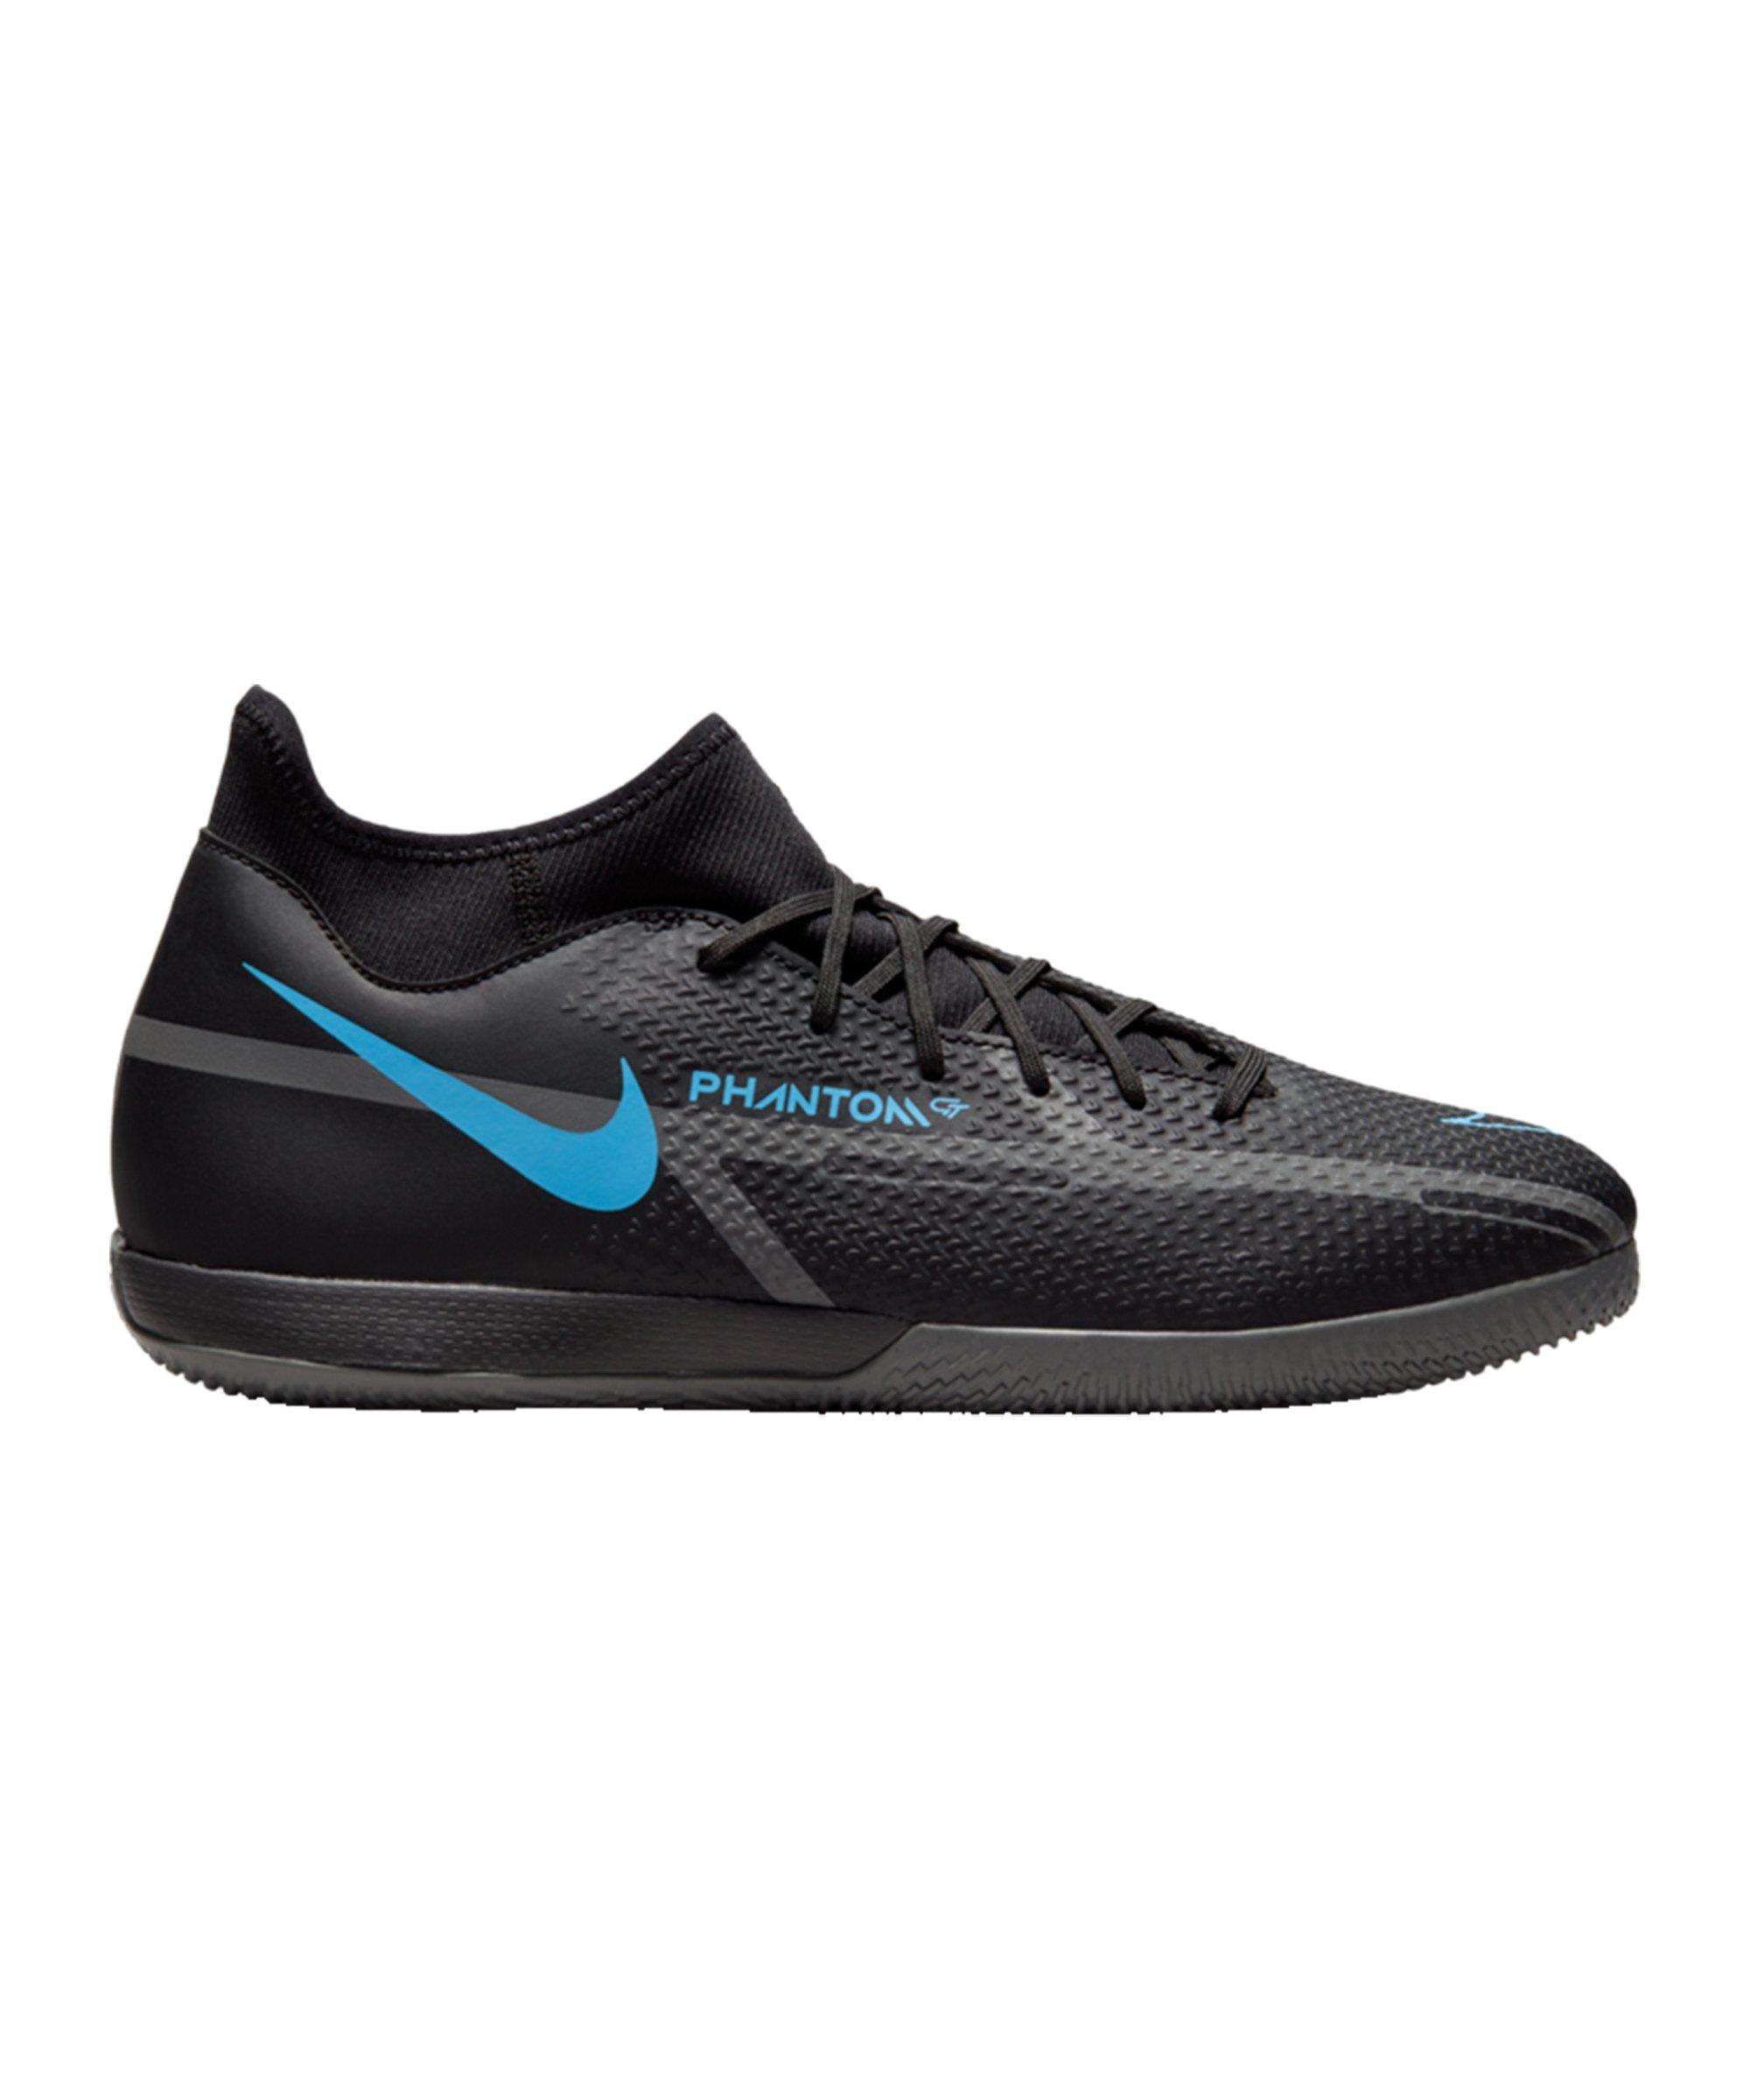 Nike Phantom GT2 Renew Academy DF IC Halle Schwarz Blau F004 - schwarz